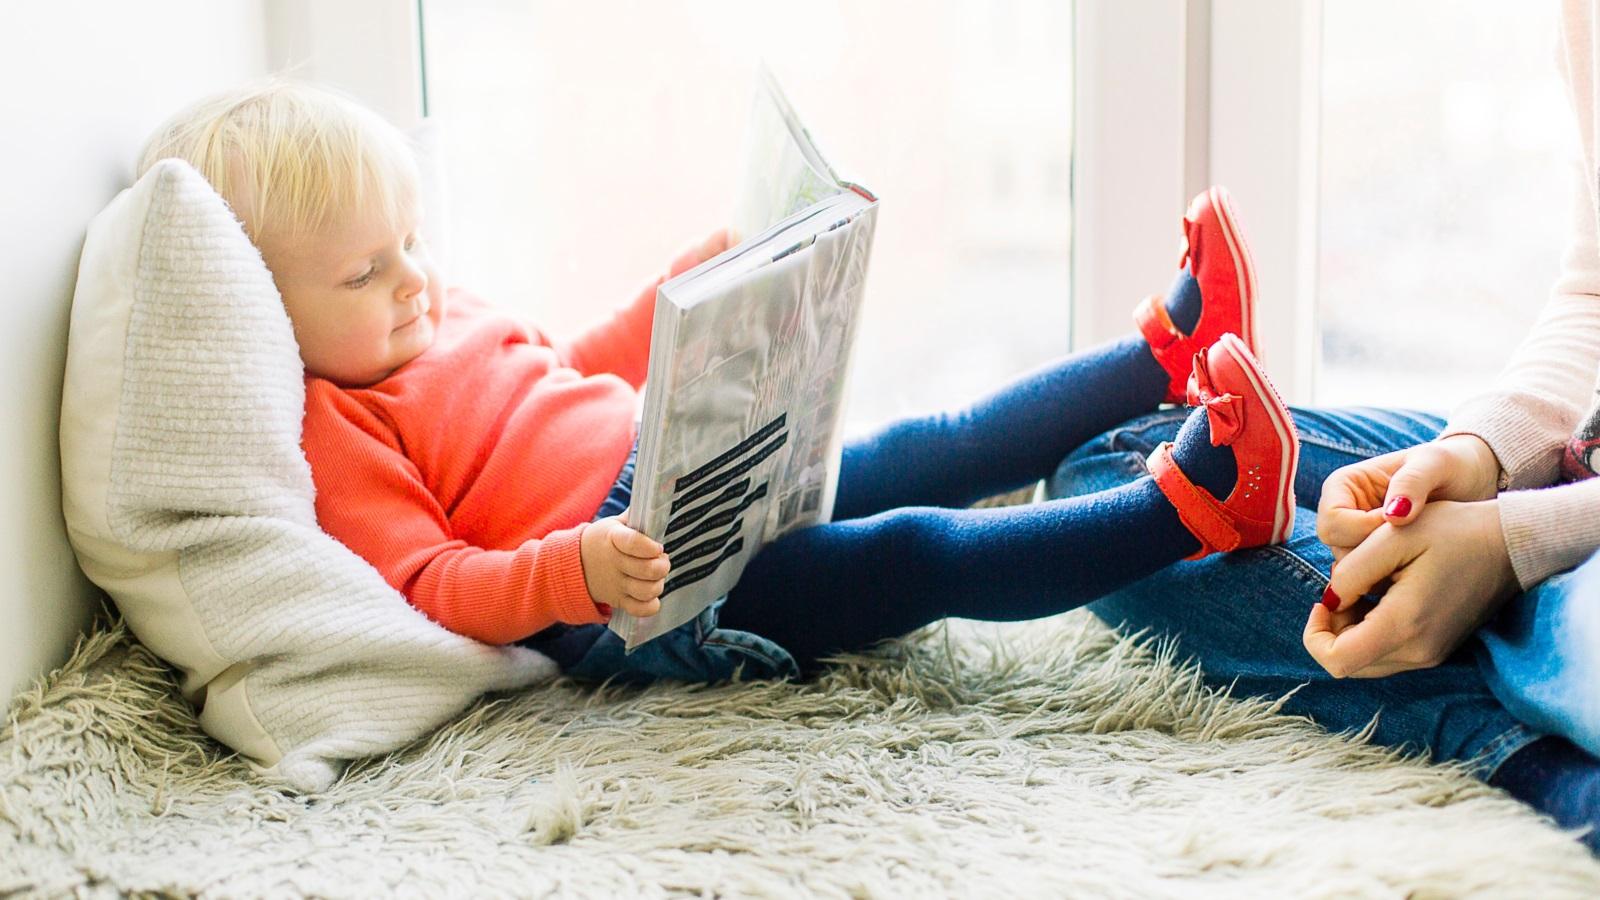 الانتباه واضطراب الانتباه لدى الأطفال 8f5dbdd8-319e-4294-86dc-7b4a2290a013